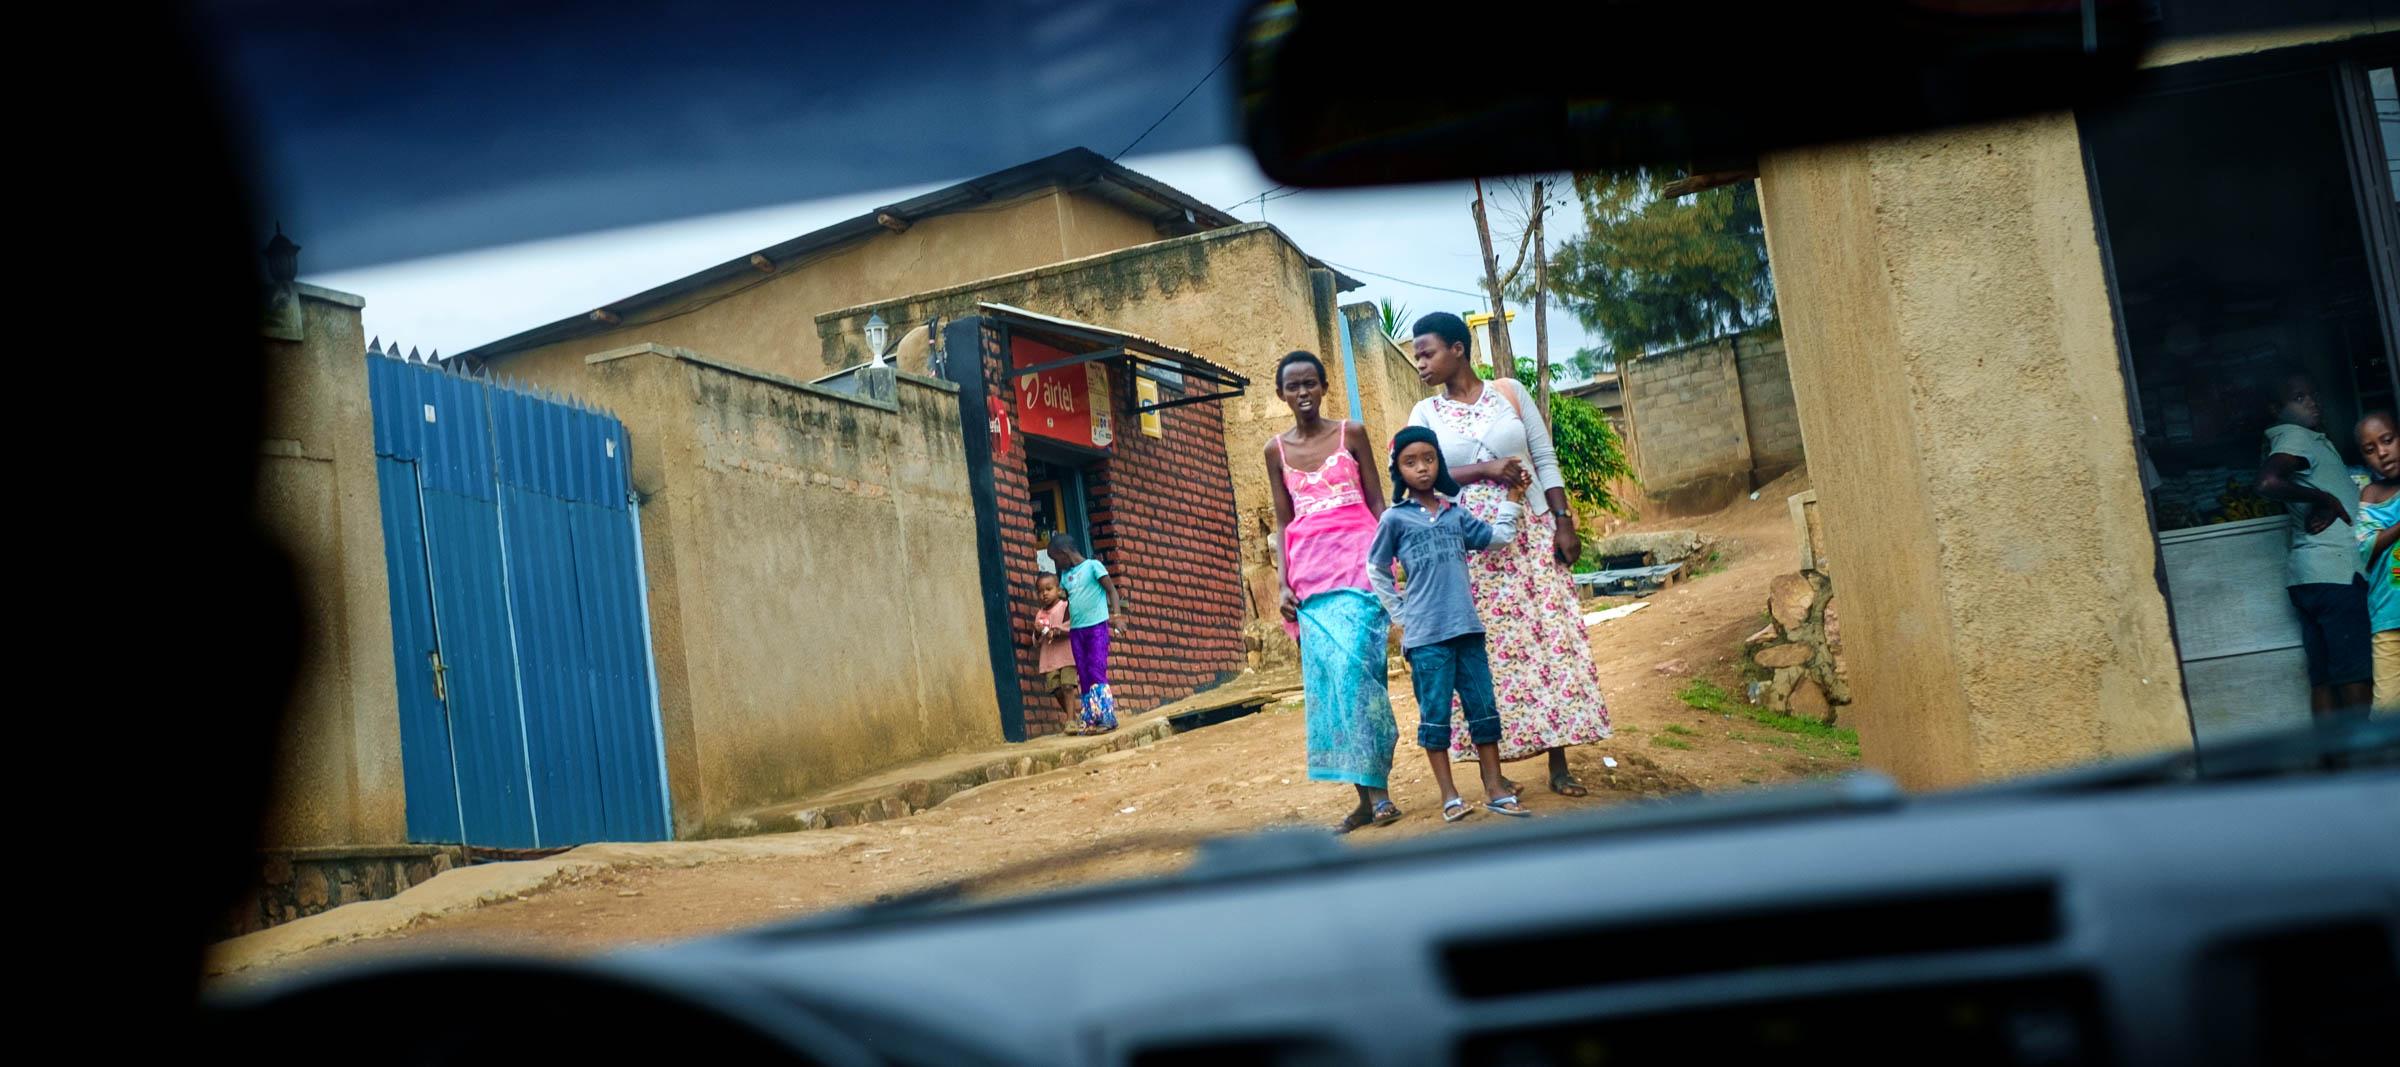 blog rwanda, rwanda